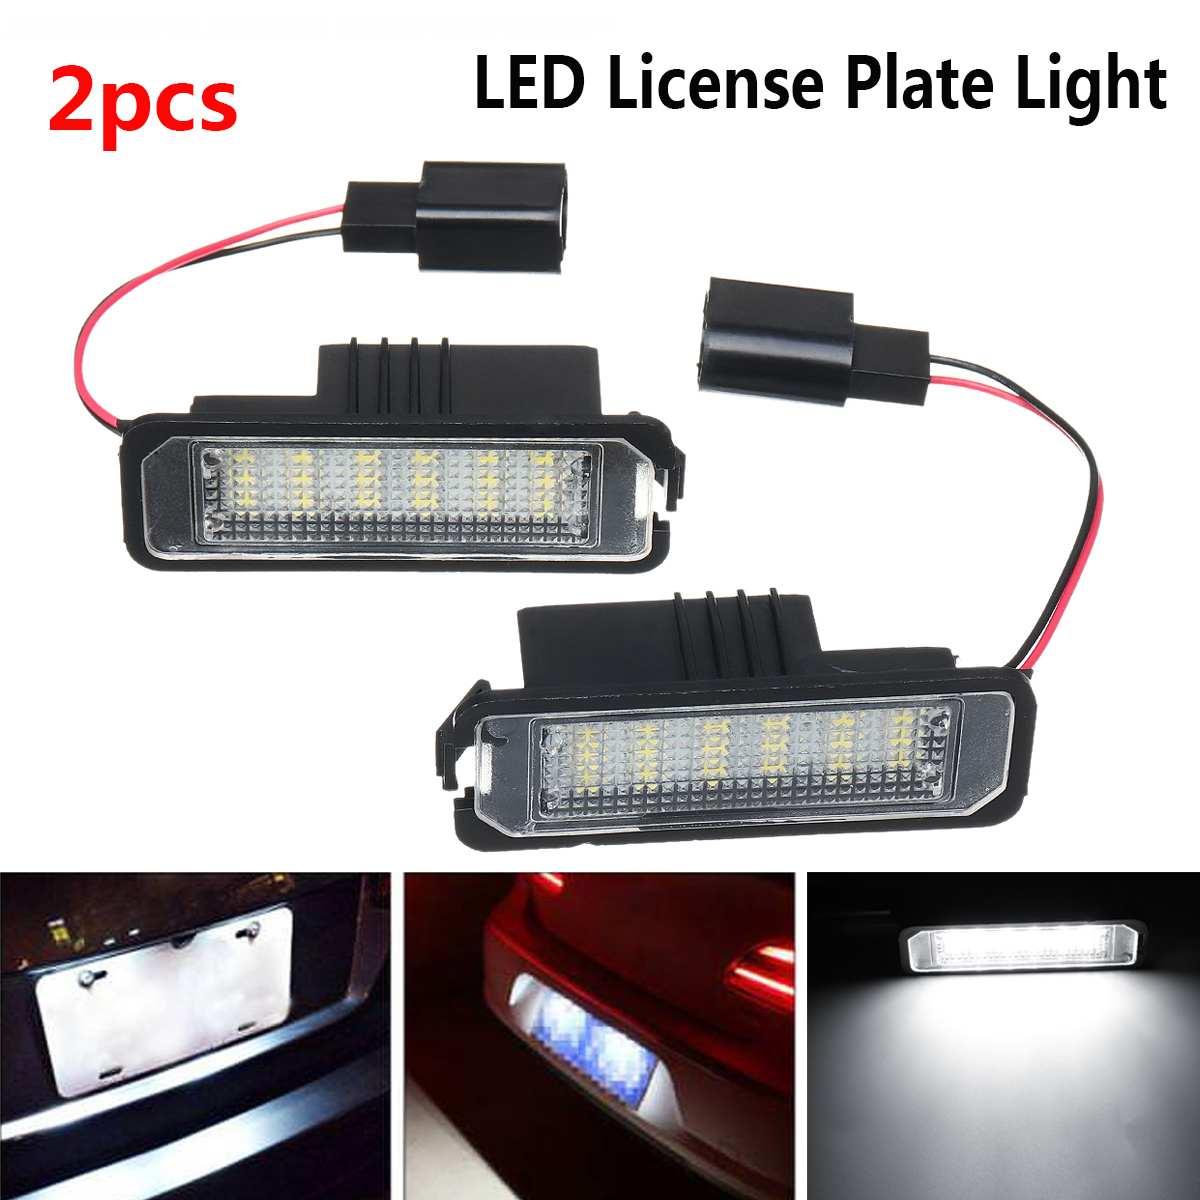 2 adet 12V 5W LED numarası plaka ışık lambaları VW GOLF 4 için 6 Polo 9N için passat araba lisansı plaka ışıkları dış erişim